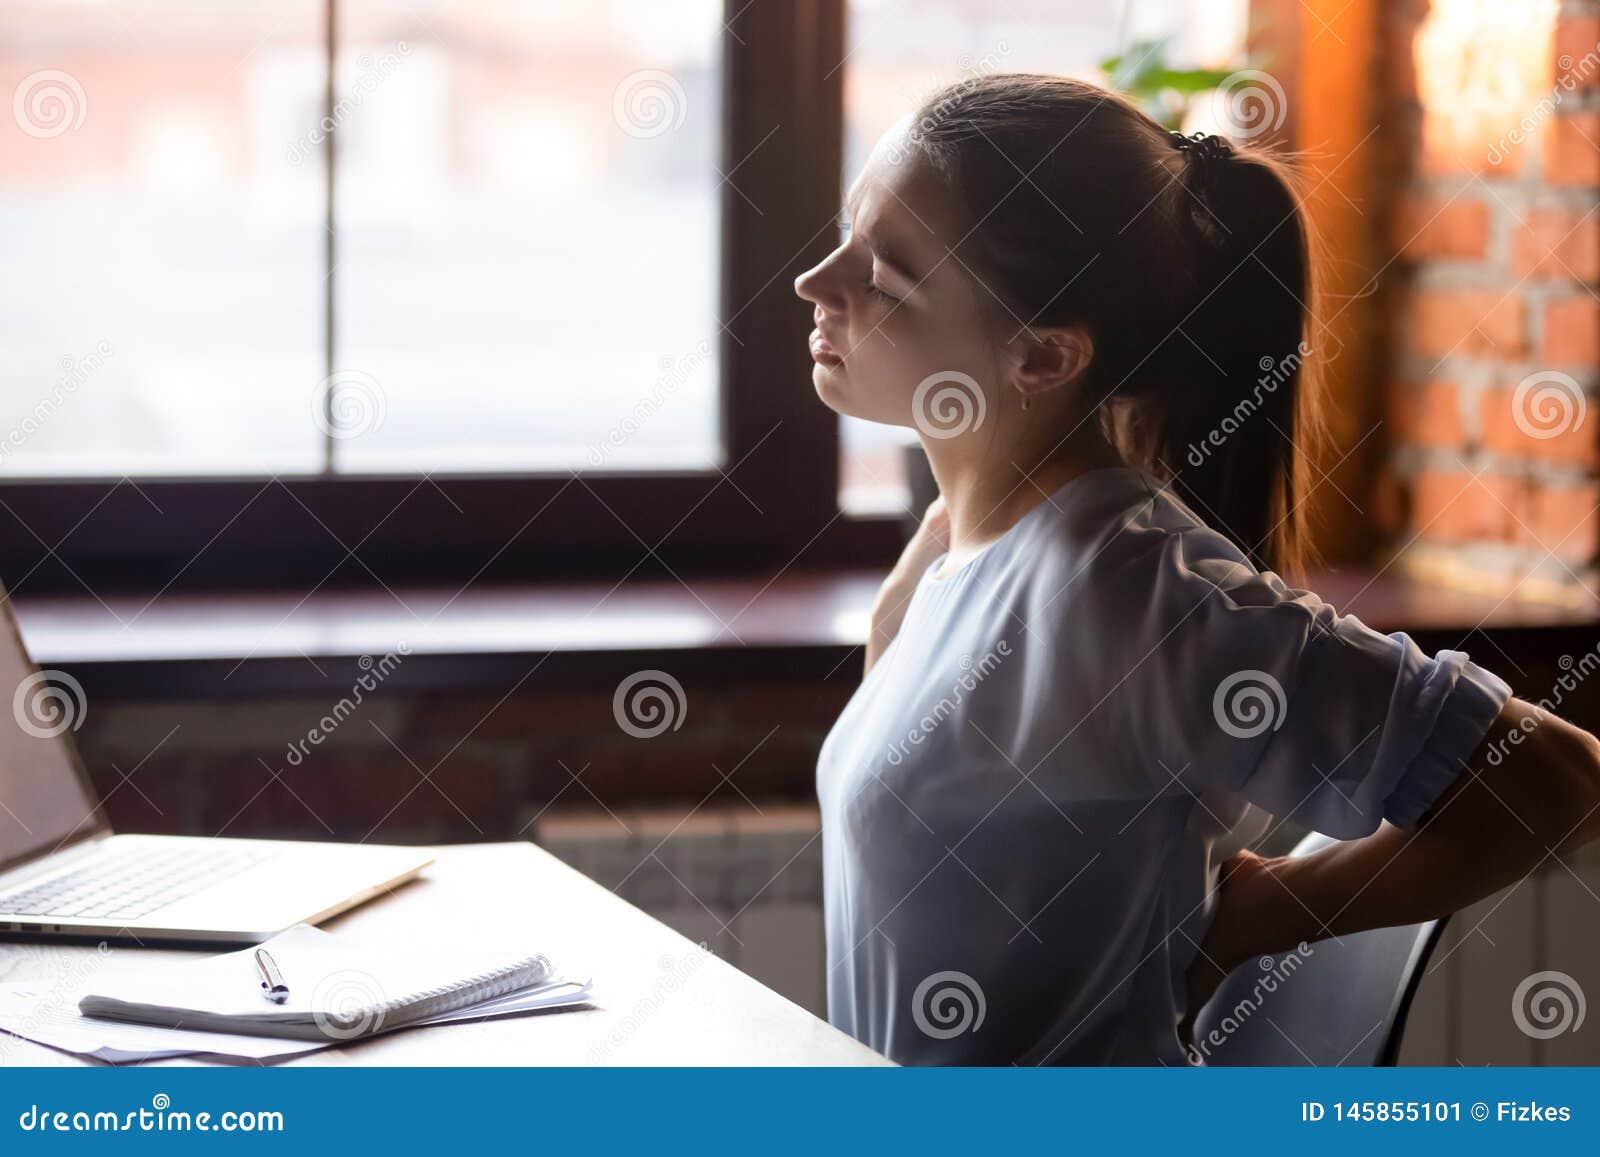 Девушка сидячая работа работа для фото модели в москве